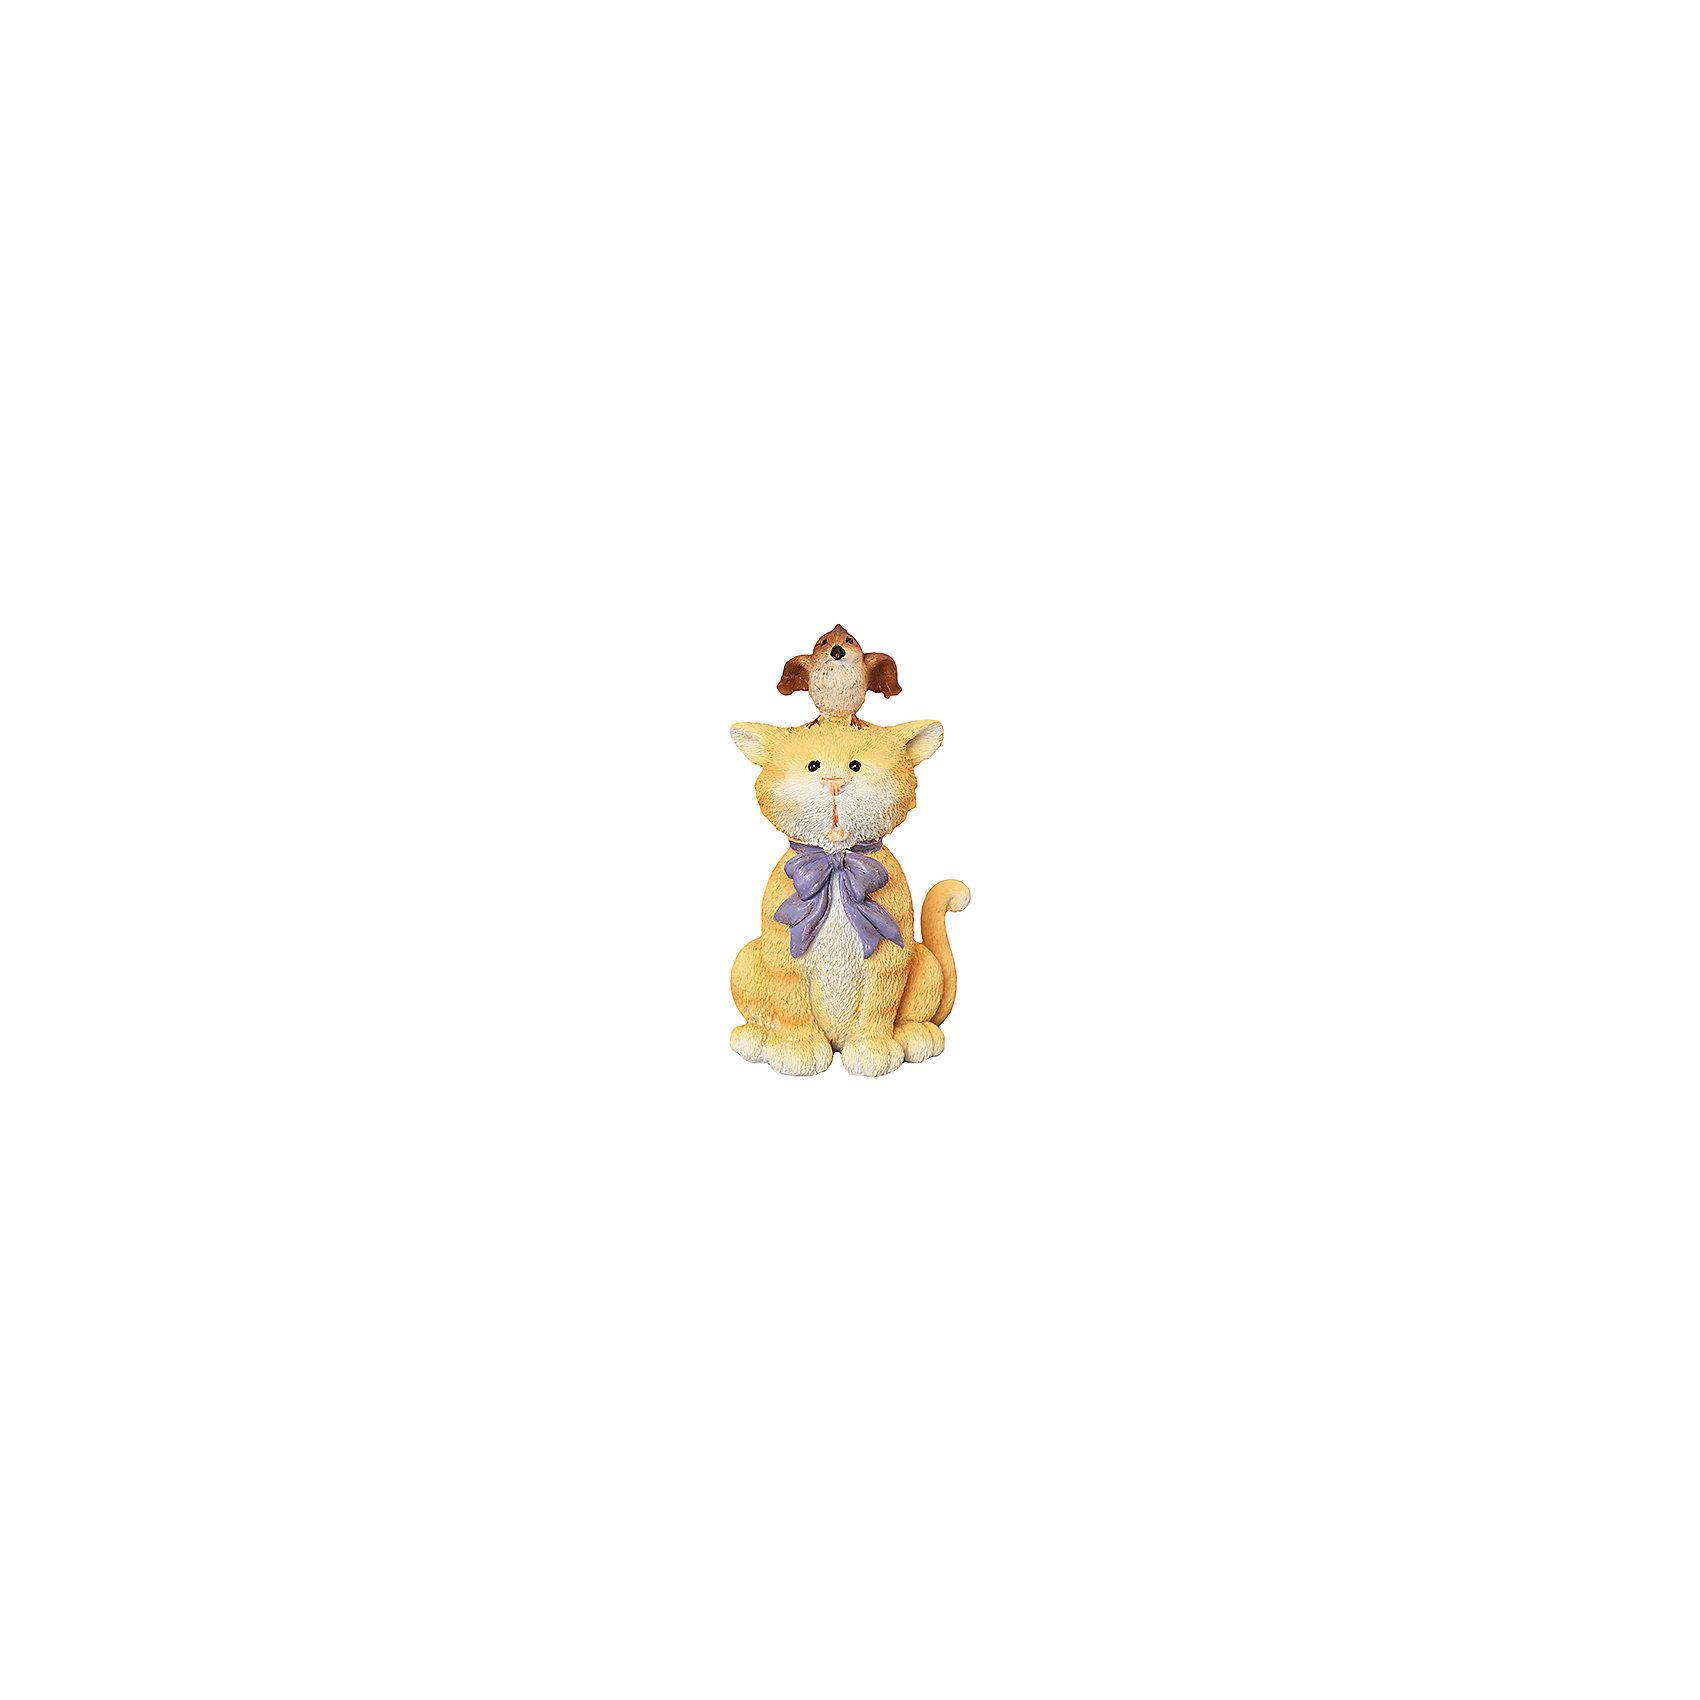 Фигурка декоративная Кот и птичка, Elan GalleryПредметы интерьера<br>Характеристики товара:<br><br>• цвет: мульти<br>• материал: полистоун<br>• высота: 12 см<br>• вес: 200 г<br>• подходит к любому интерьеру<br>• отлично проработаны детали<br>• универсальный размер<br>• страна бренда: Российская Федерация<br>• страна производства: Китай<br><br>Такая декоративная фигурка - отличный пример красивой вещи для любого интерьера. Благодаря универсальному дизайну и расцветке она хорошо будет смотреться в помещении.<br><br>Декоративная фигурка может стать отличным приобретением для дома или подарком для любителей симпатичных вещей, украшающих пространство.<br><br>Бренд Elan Gallery - это красивые и практичные товары для дома с современным дизайном. Они добавляют в жильё уюта и комфорта! <br><br>Фигурку декоративную Кот и птичка Elan Gallery можно купить в нашем интернет-магазине.<br><br>Ширина мм: 143<br>Глубина мм: 84<br>Высота мм: 94<br>Вес г: 208<br>Возраст от месяцев: 0<br>Возраст до месяцев: 1188<br>Пол: Унисекс<br>Возраст: Детский<br>SKU: 6669005